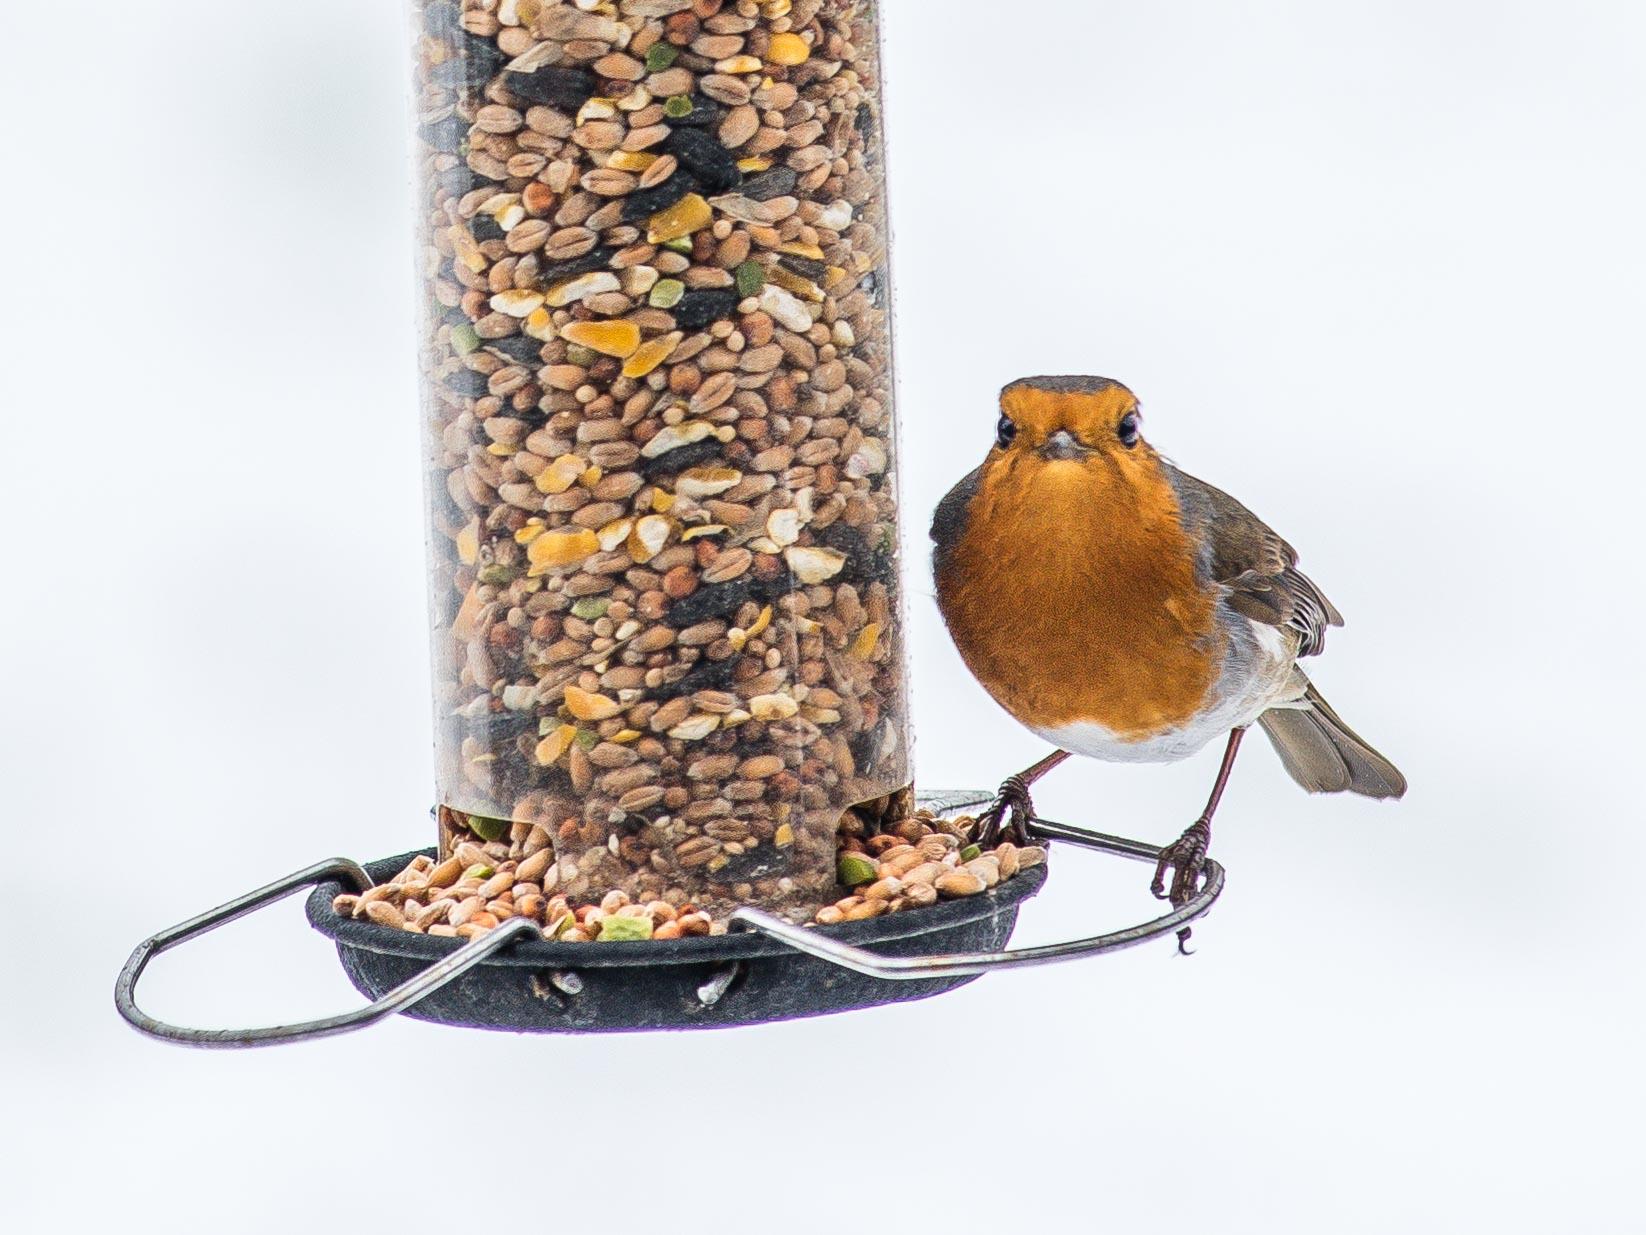 Рейтинг лучших витаминов и добавок для птиц на 2021 год